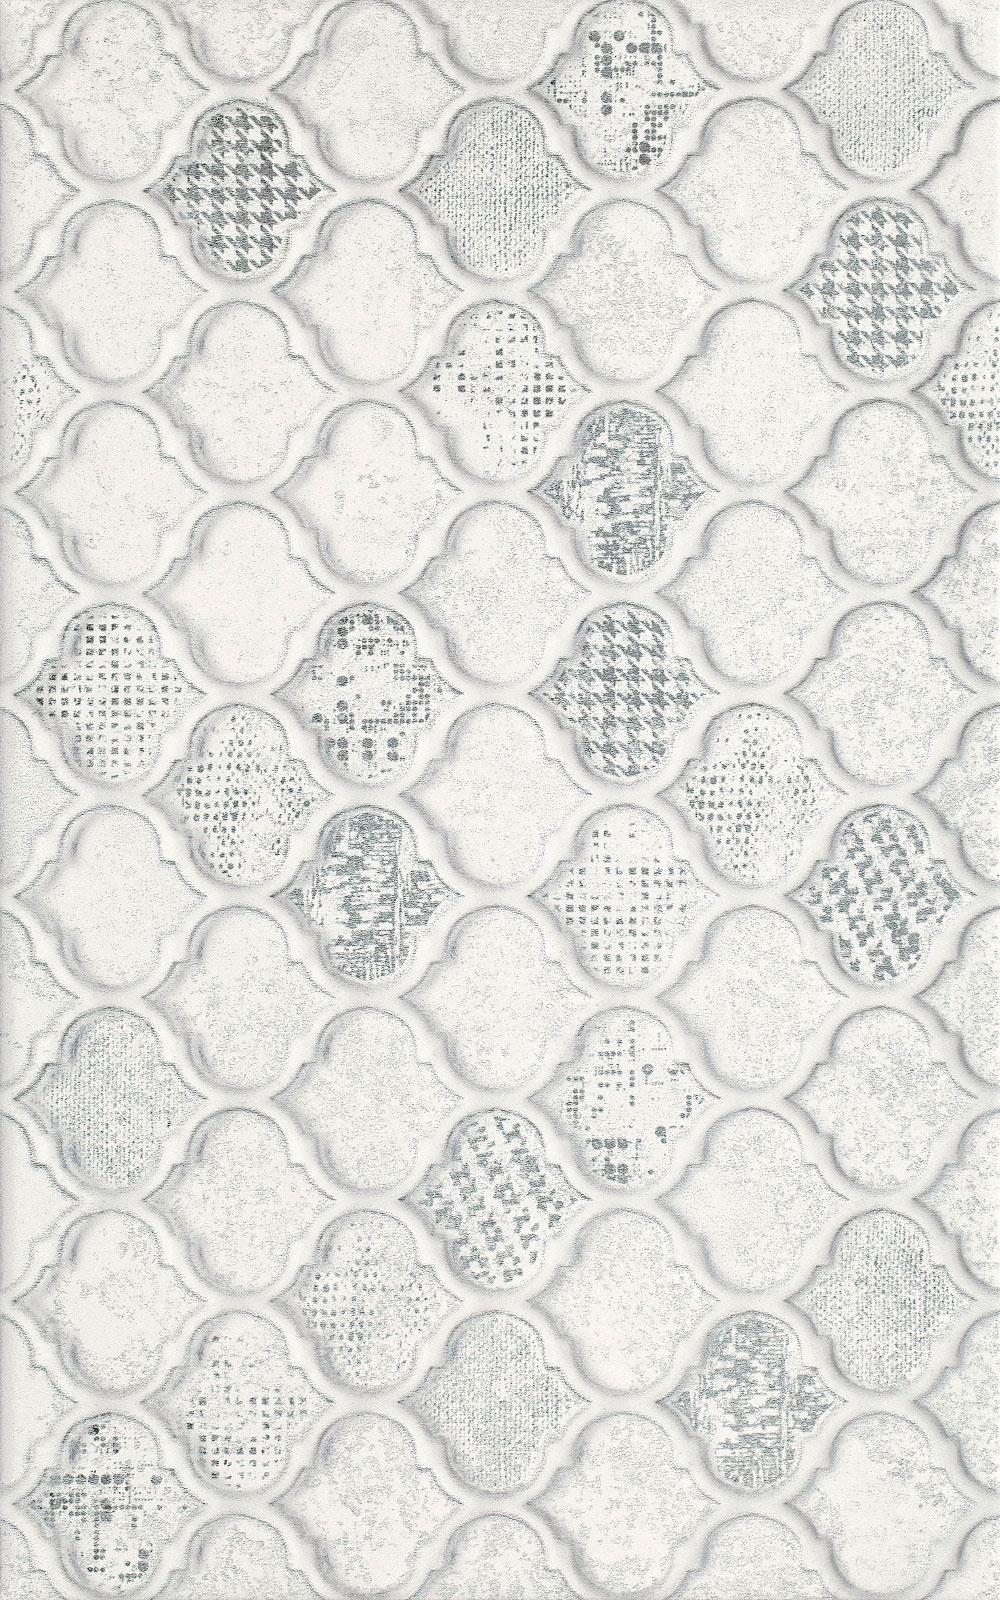 Настенная плитка Ceramika Paradyz Brook Grys A 25х40 (1,3) nirrad grys плитка настенная 200х600 мм 51 84